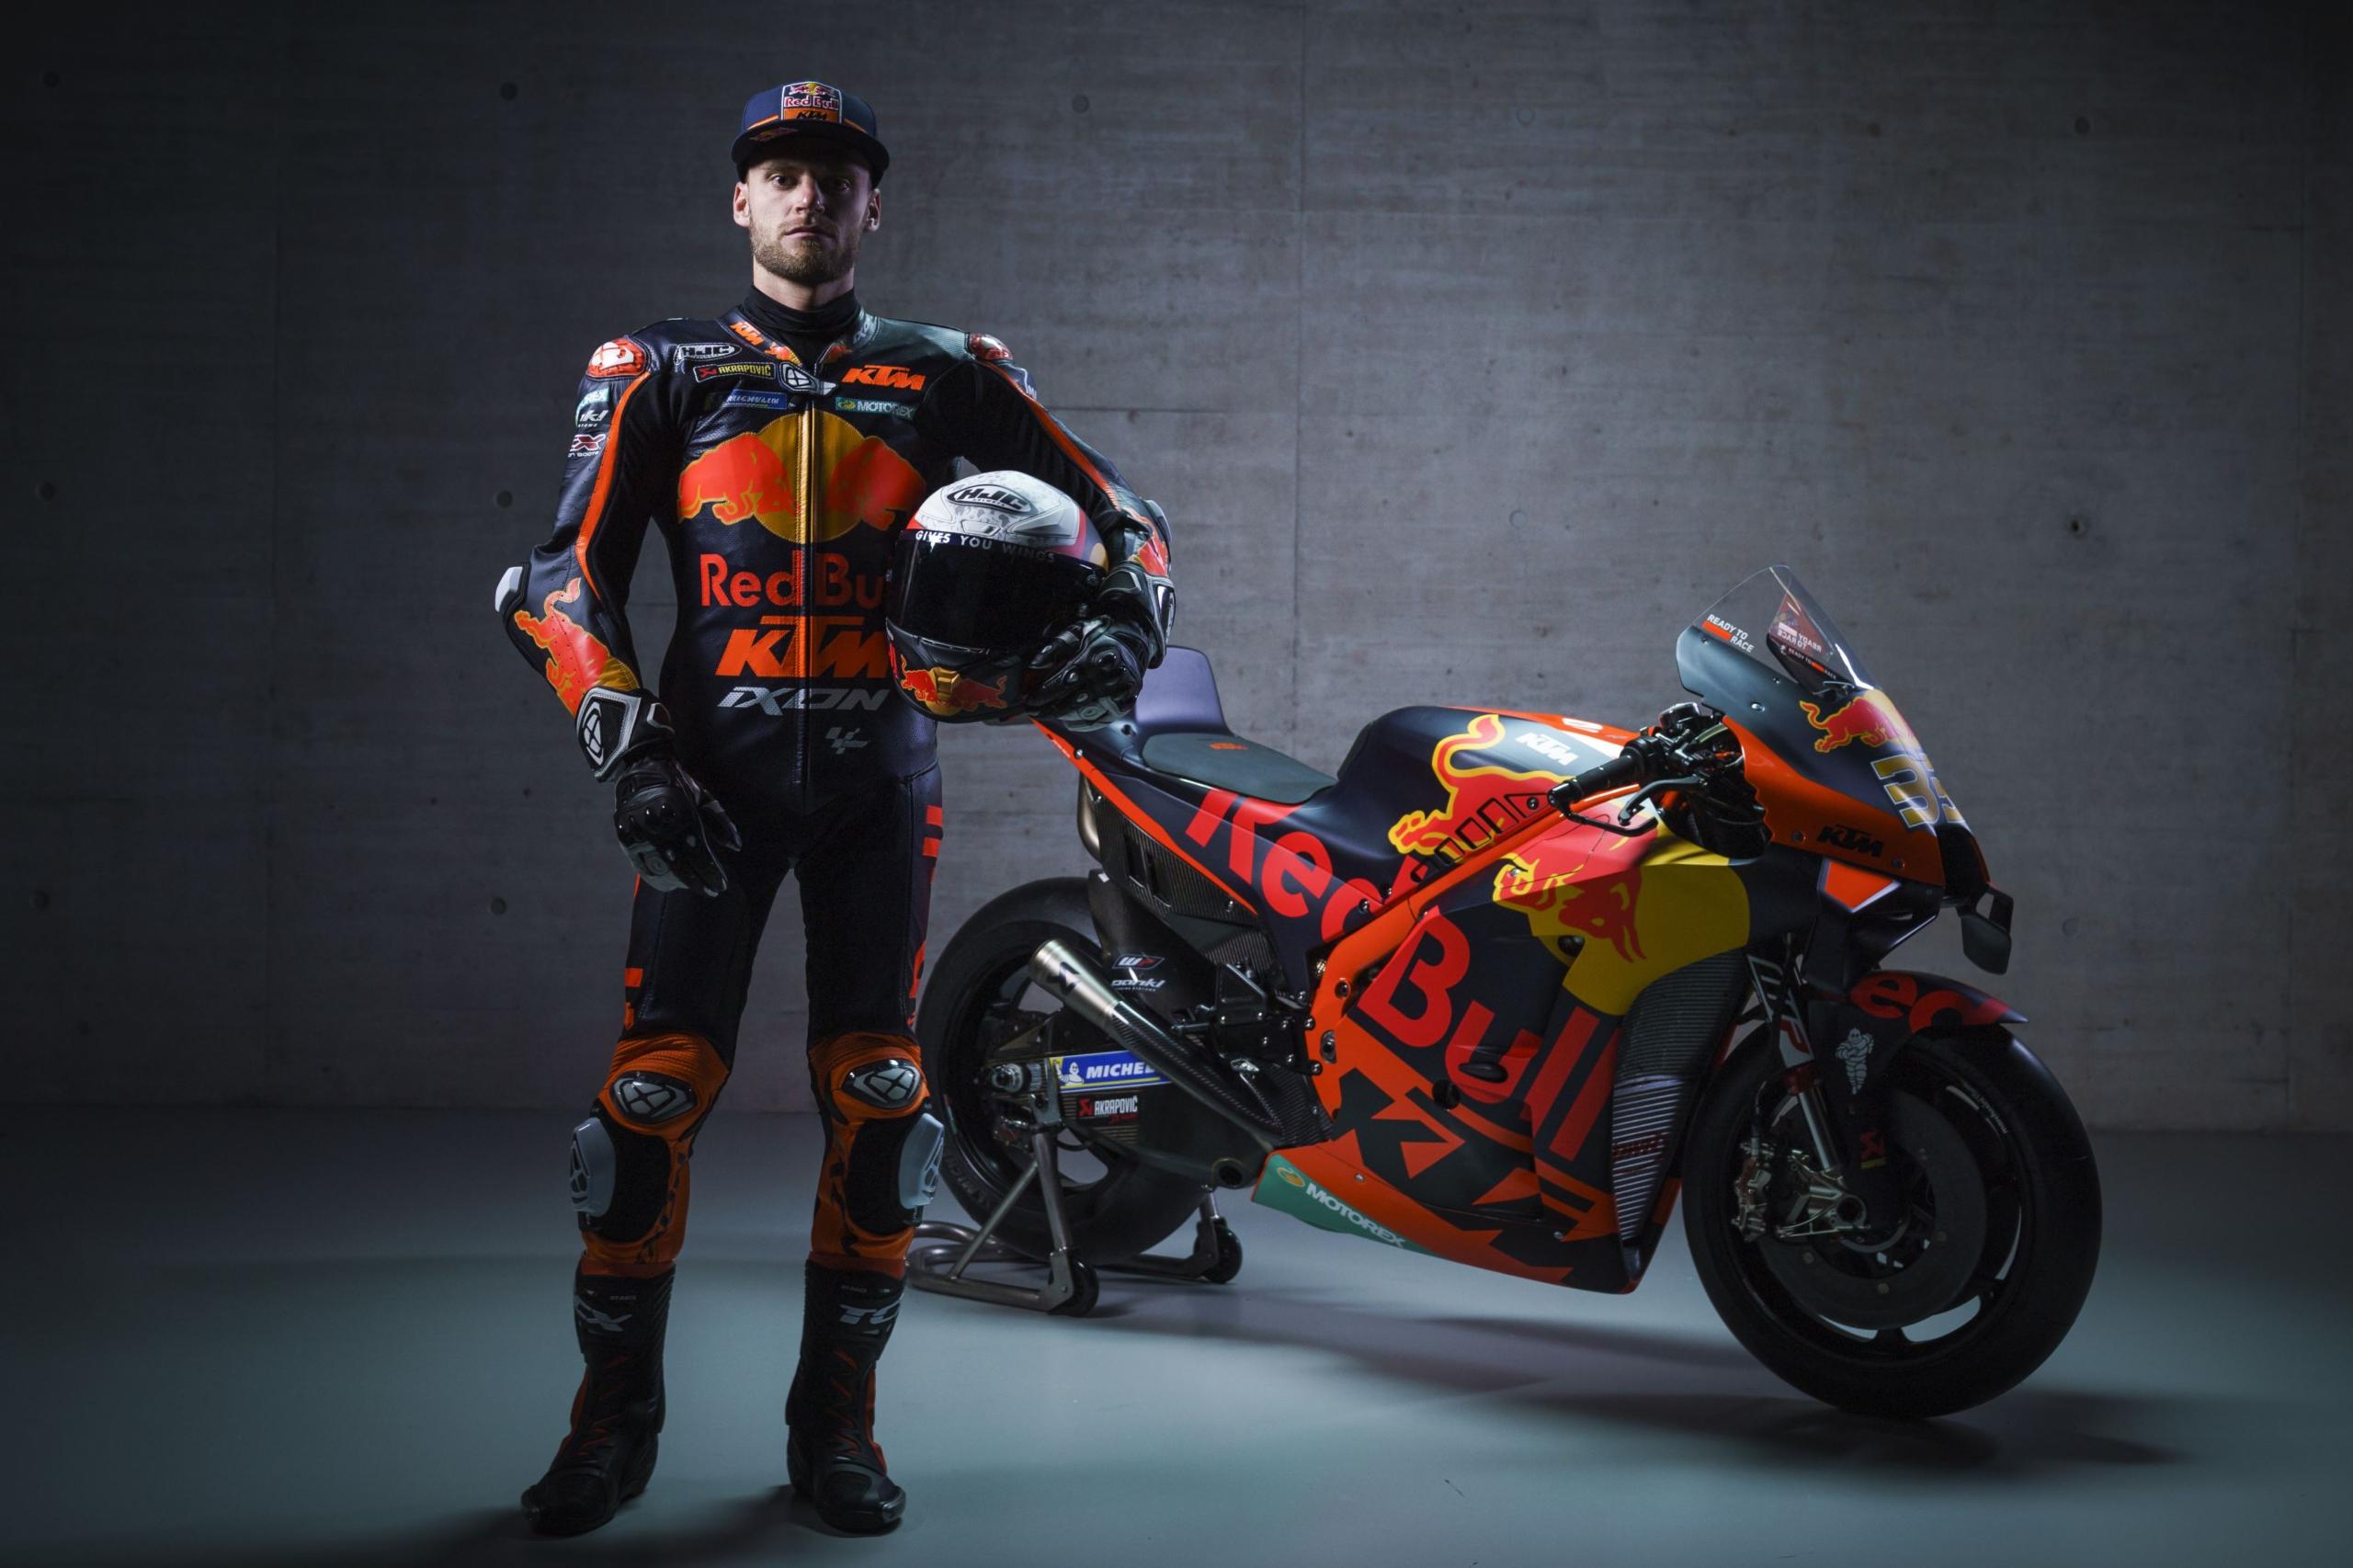 Brad Binder en la presentación de la KTM RC16 2012